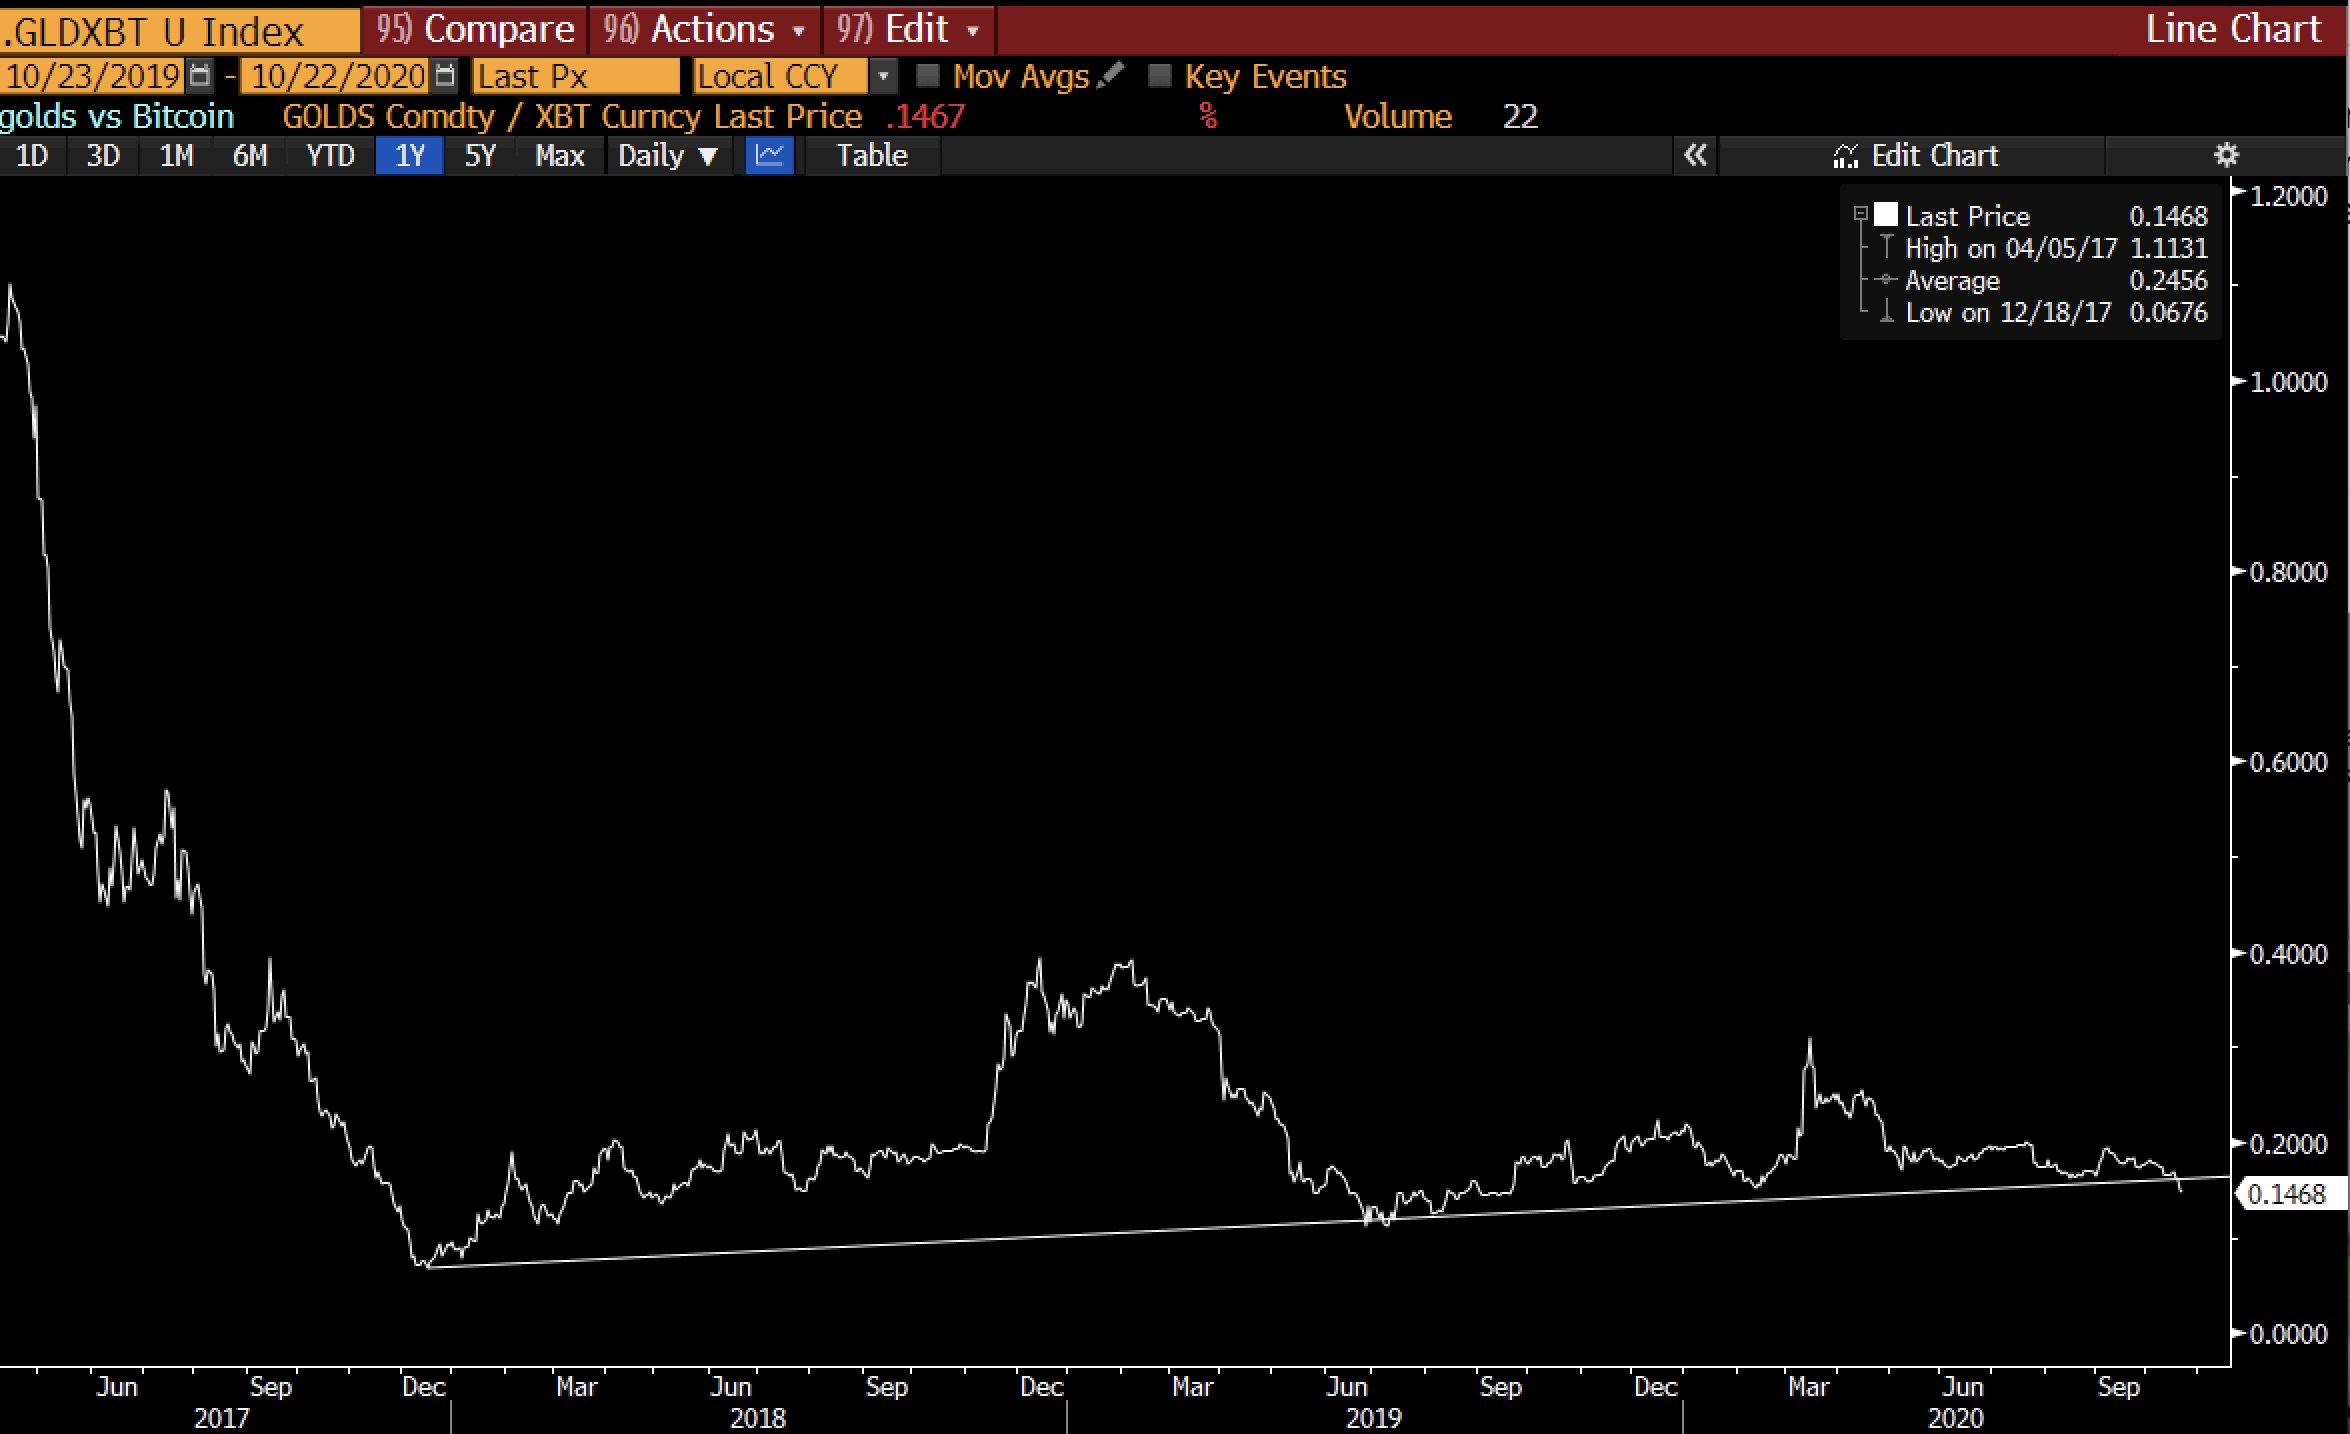 นักวิเคราะห์เผย ทองคำร่วง เมื่อเทียบกับ Bitcoin ชี้ชัดว่า ความเชื่อมั่นต่อ BTC สูงขึ้น